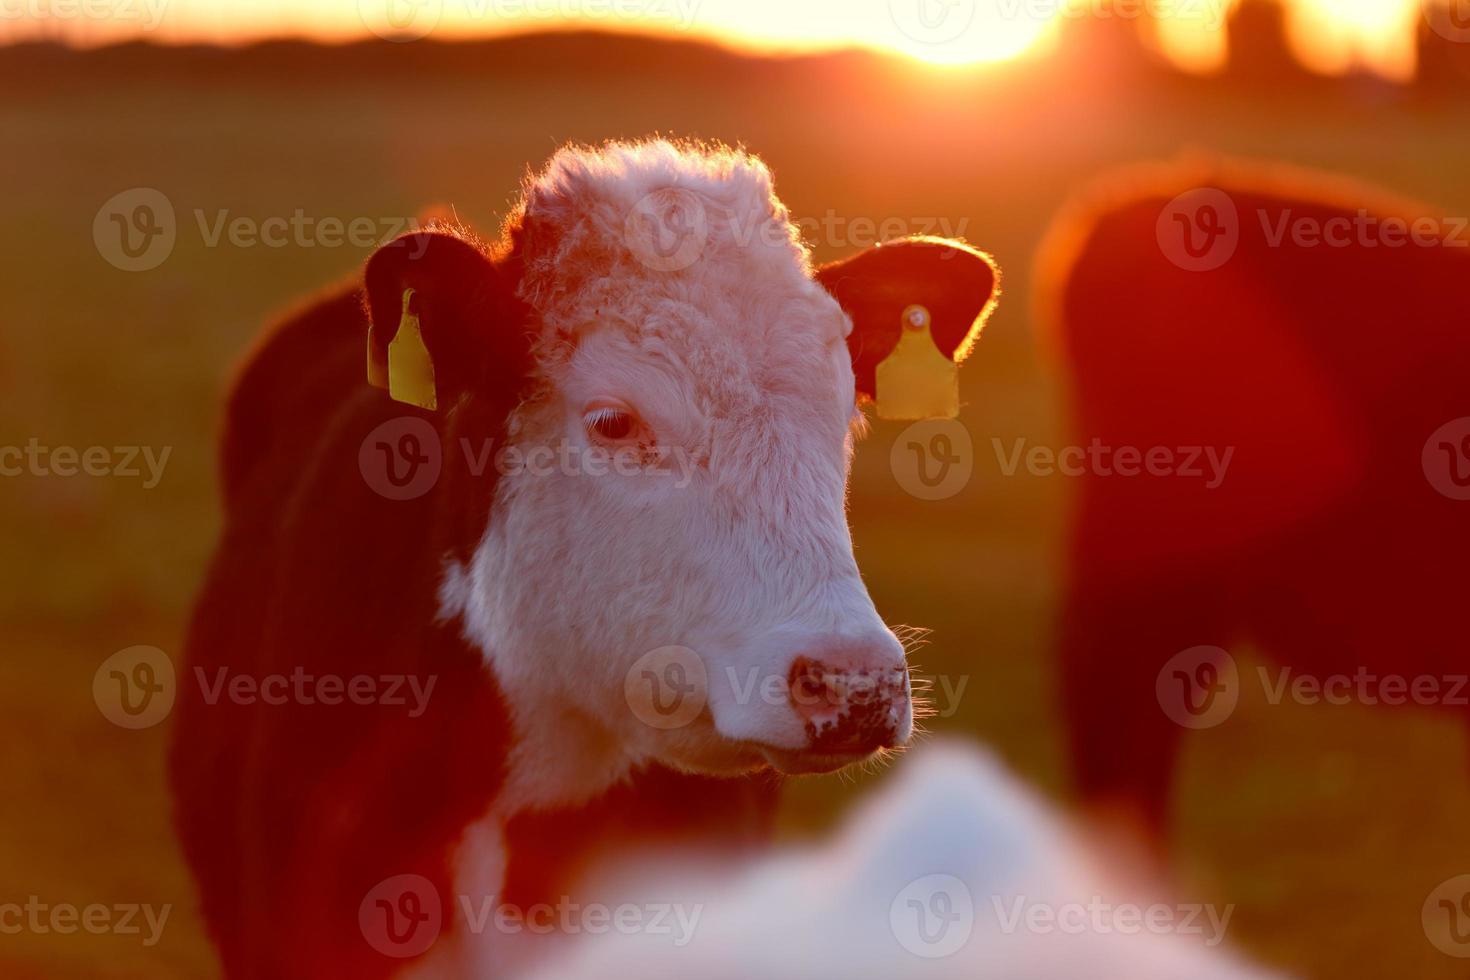 kudde koeien op de weide lane foto